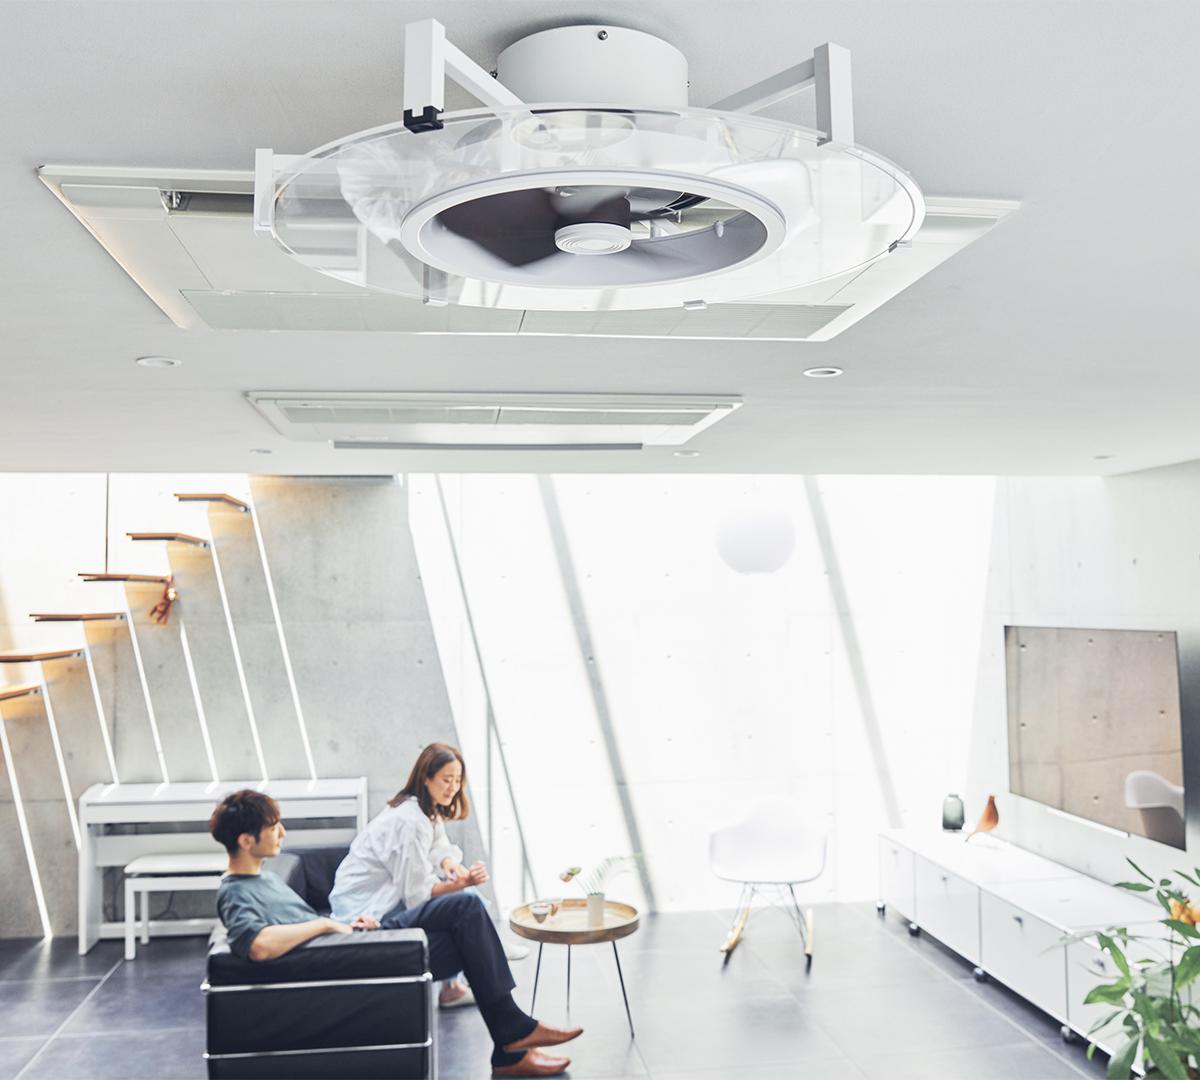 簡単に設置できる。空気を循環させるファンと天井照明がひとつになった、シーリングファンライト JAVALO ELF(ジャバロエルフ)のパネライト